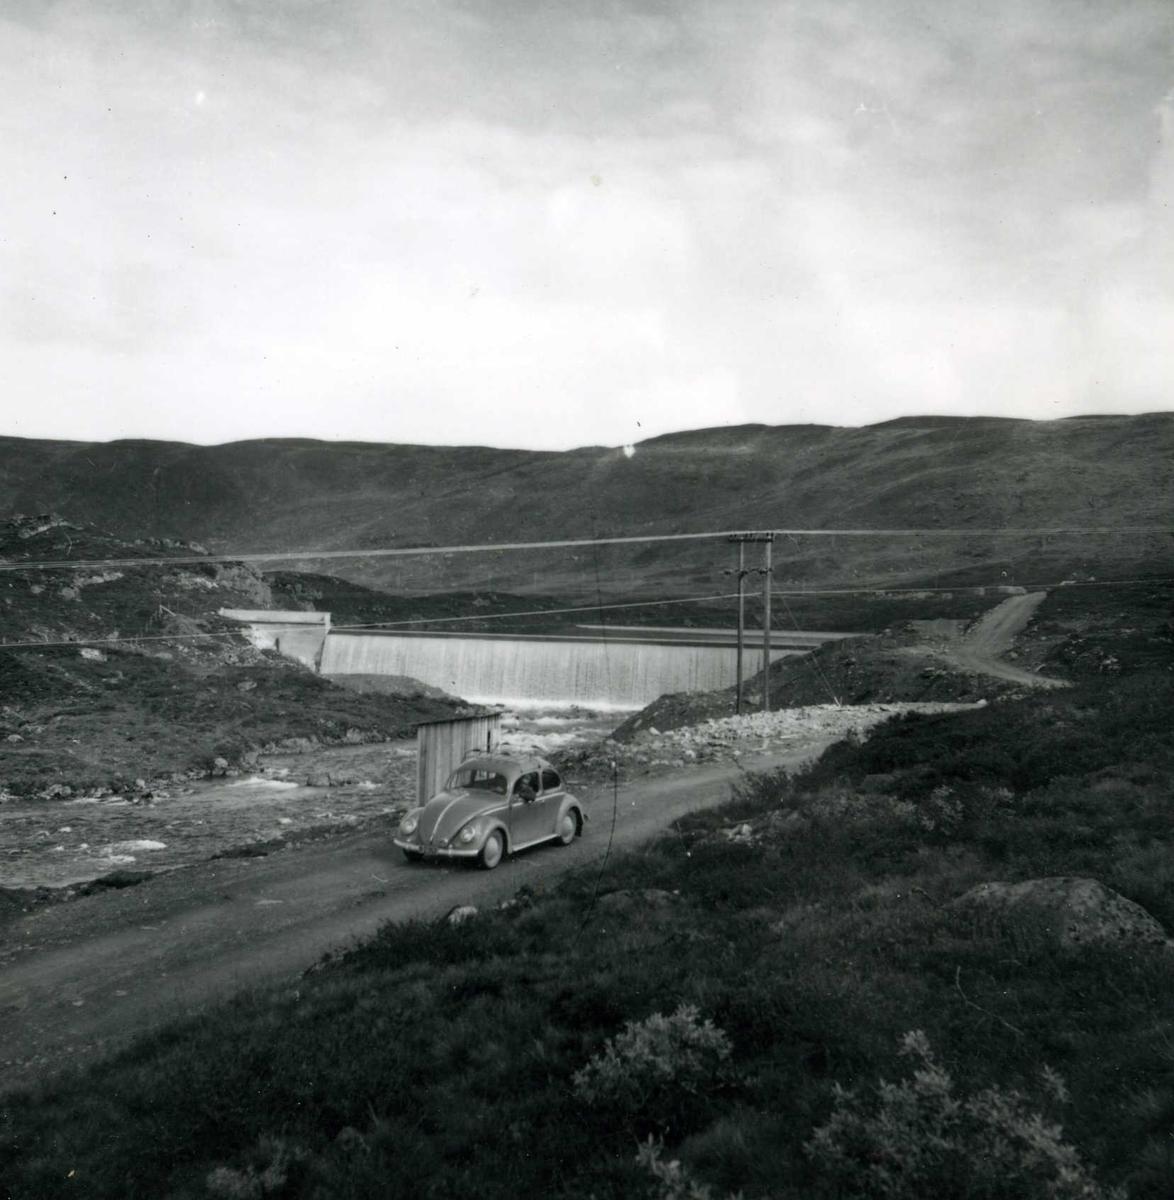 Ståvann 1, 21.07.61